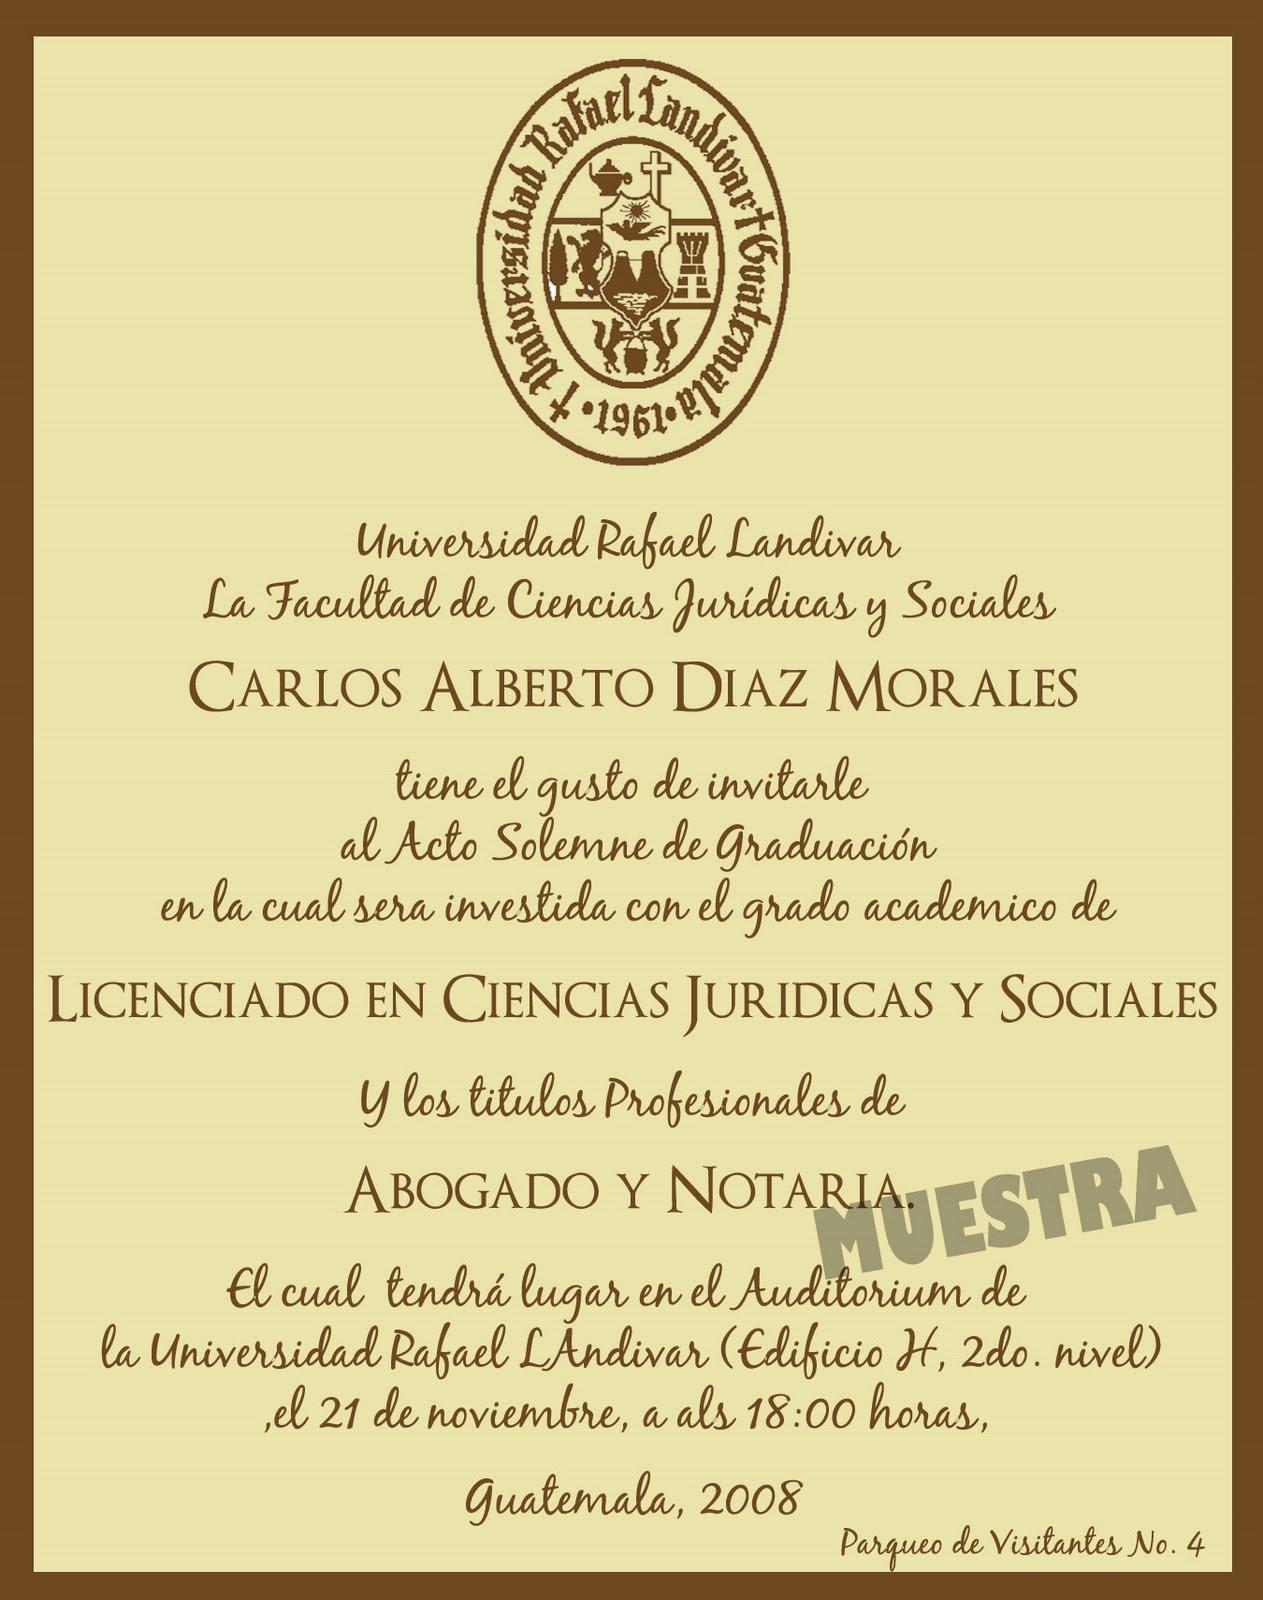 Etiquetas Graduacion Tarjetas Universidad Rafael Landivar Pictures